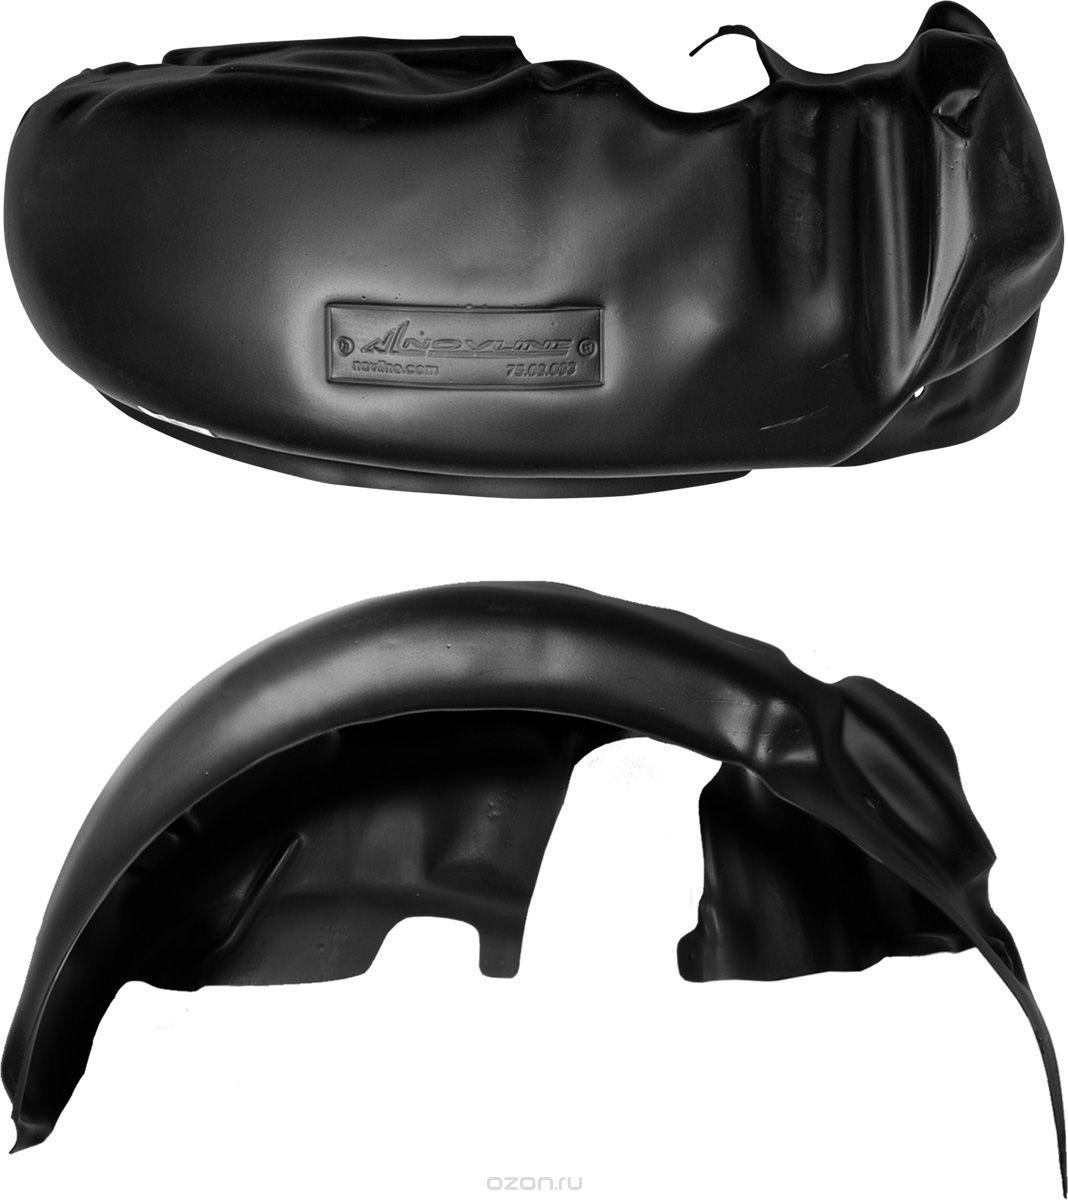 Подкрылок Novline-Autofamily, для TOYOTA Camry 07/2006-2011, передний левыйNLL.48.14.001Идеальная защита колесной ниши. Локеры разработаны с применением цифровых технологий, гарантируют максимальную повторяемость поверхности арки. Изделия устанавливаются без нарушения лакокрасочного покрытия автомобиля, каждый подкрылок комплектуется крепежом. Уважаемые клиенты, обращаем ваше внимание, что фотографии на подкрылки универсальные и не отражают реальную форму изделия. При этом само изделие идет точно под размер указанного автомобиля.